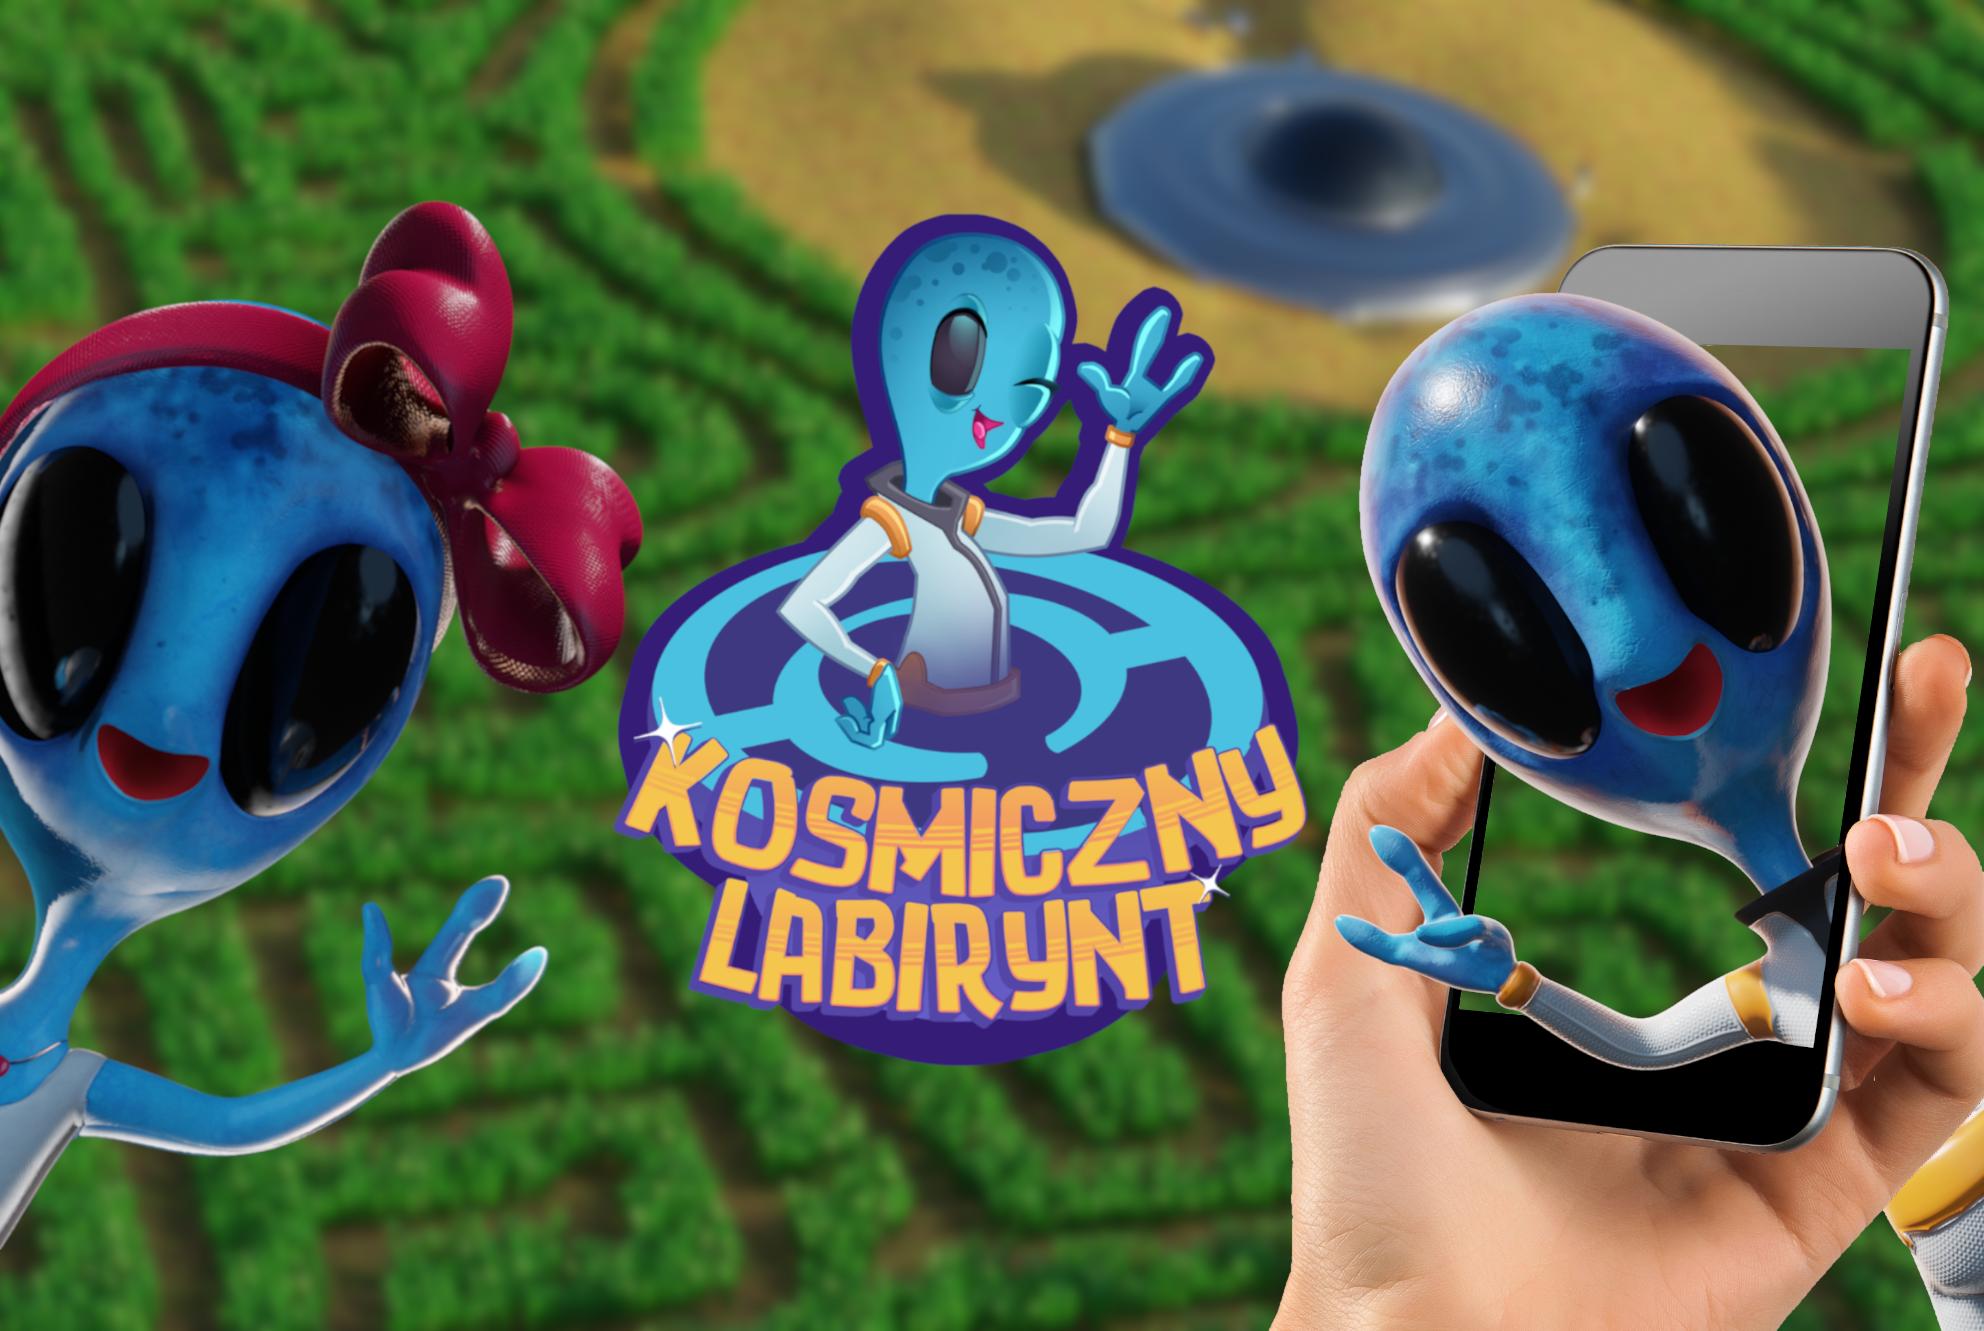 Kosmiczny Labirynt Mielno – weź telefon i zobacz inny świat w polu kukurydzy